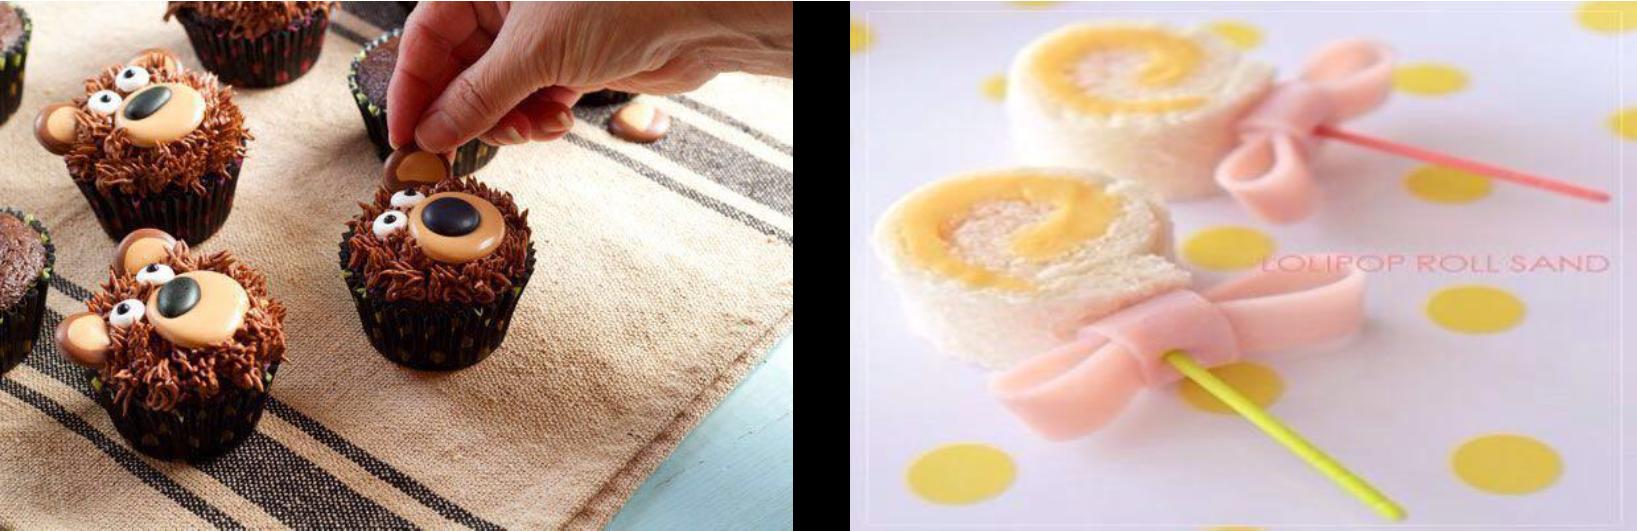 iMap Culinary Artisan: Tunch Box Decoration Programme